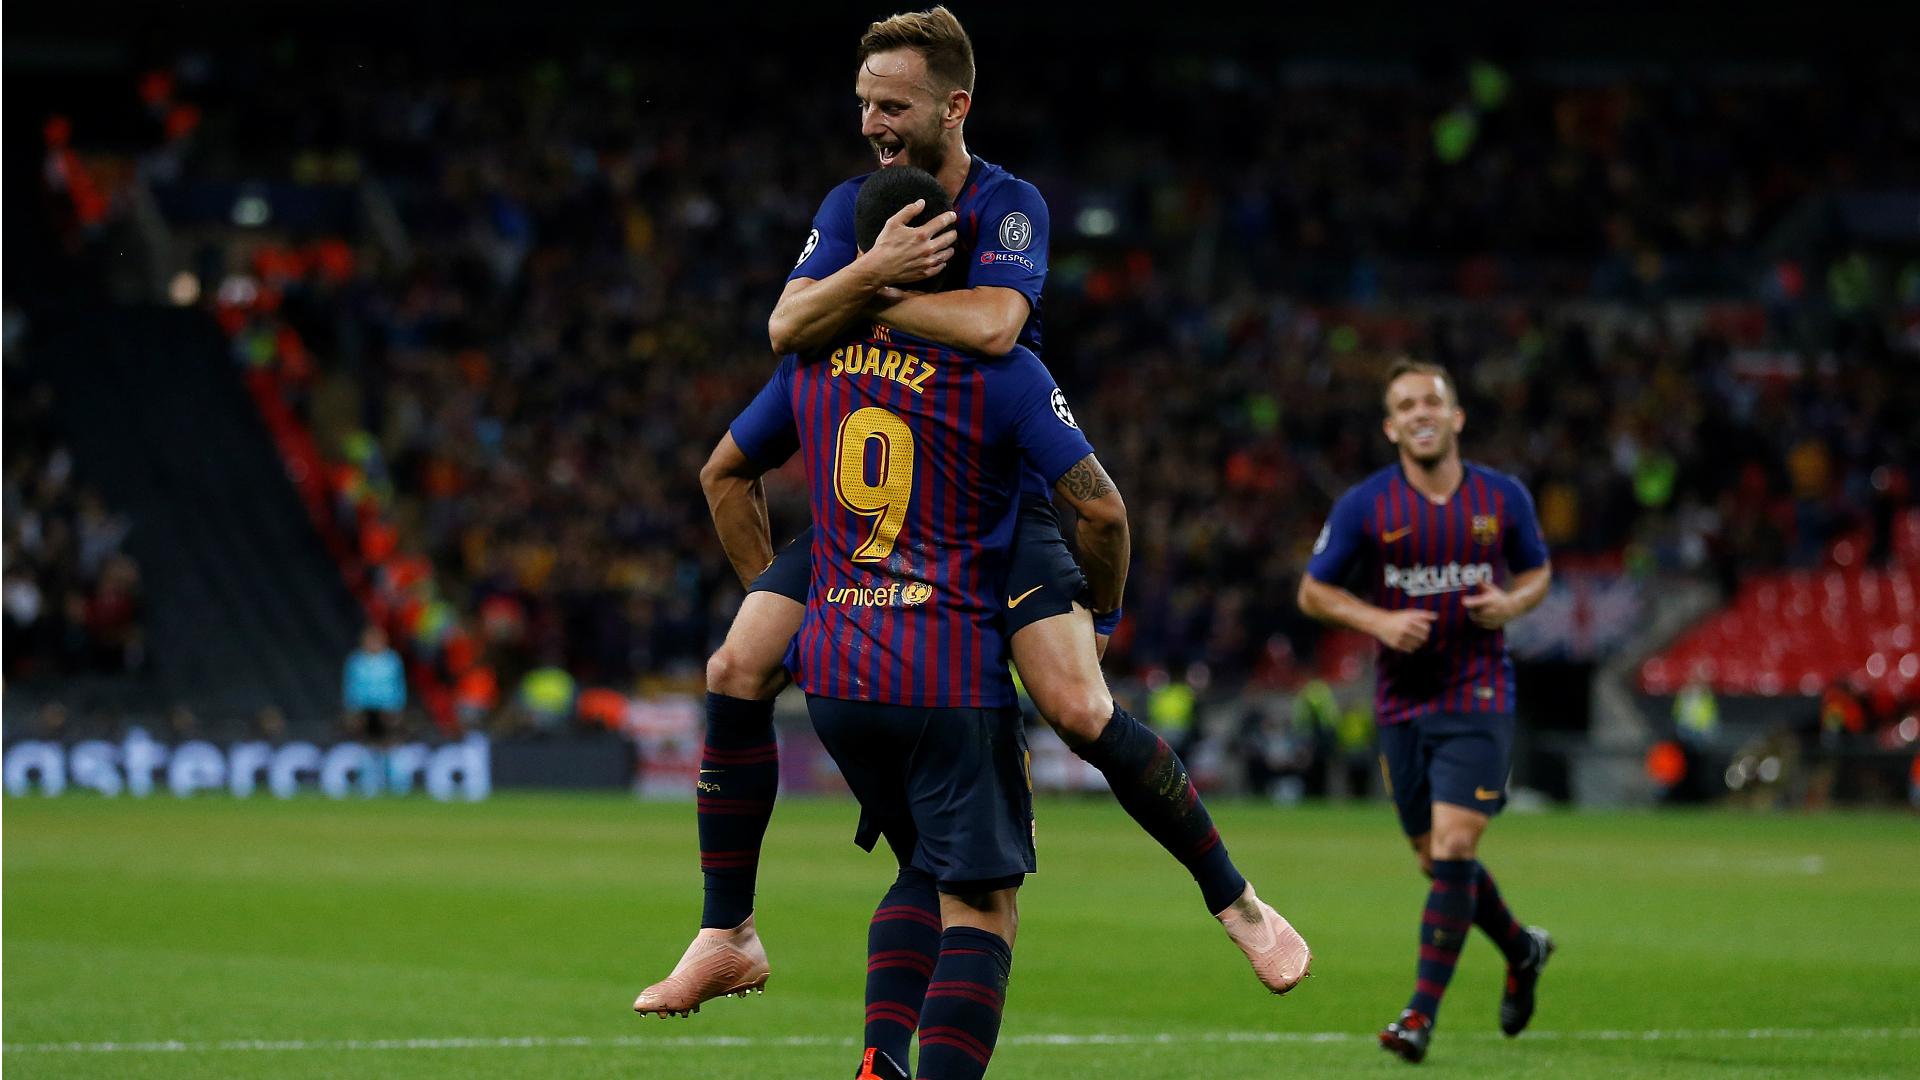 tottenham hotspur v barcelone r u00e9sum u00e9 du match  03  10  2018